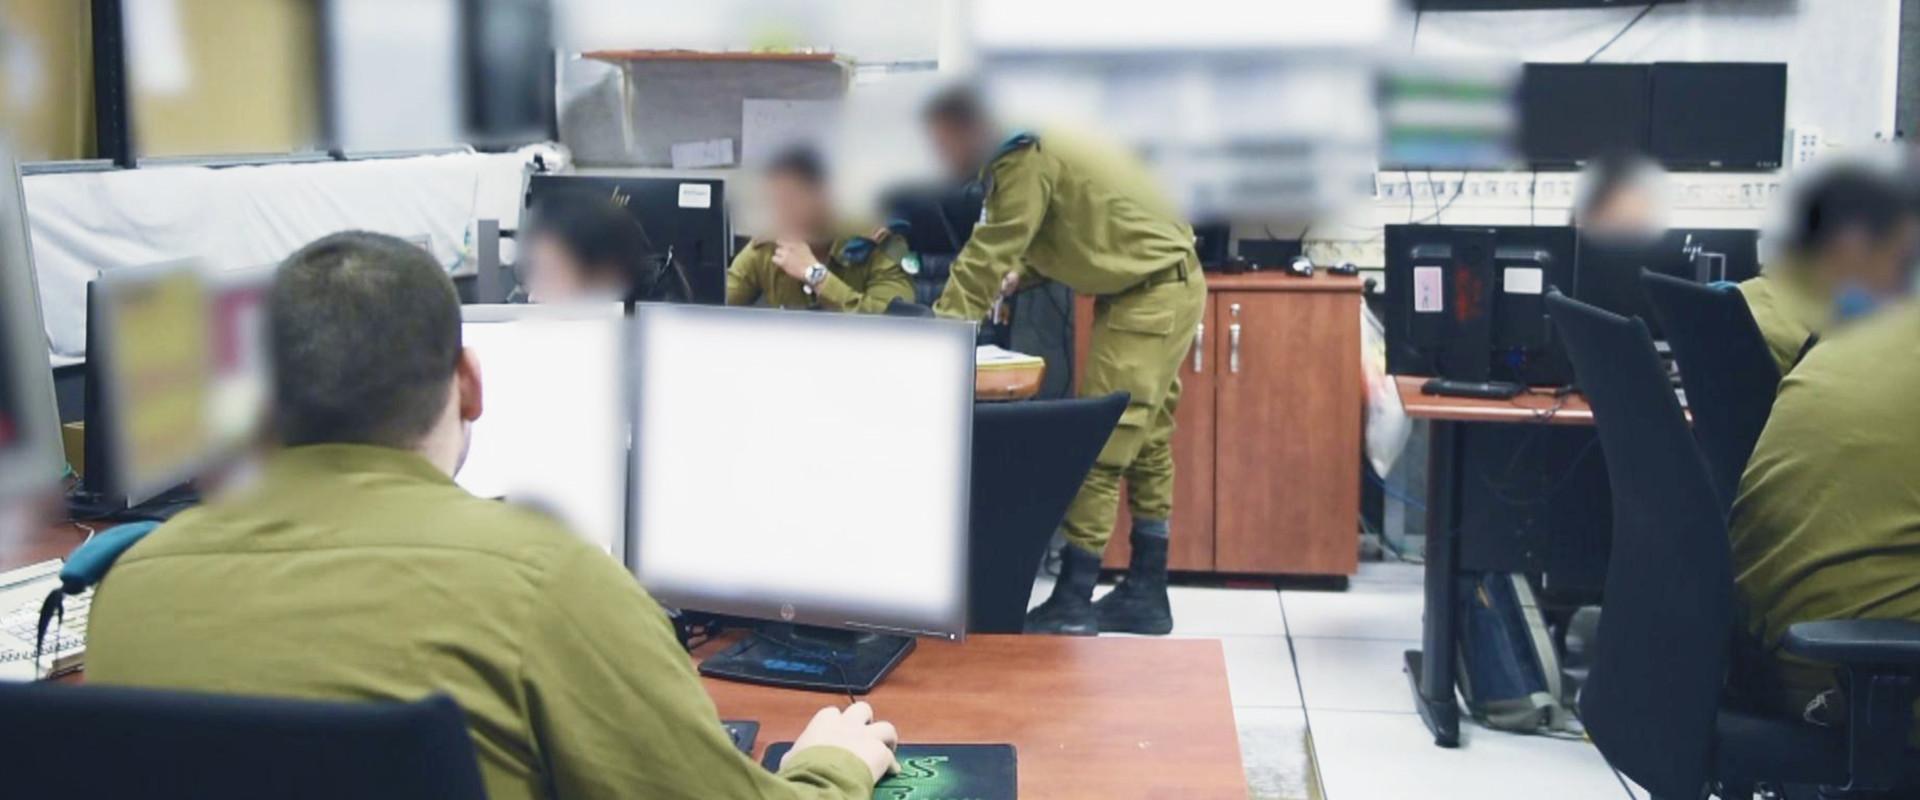 חיילים לומדים בכיתה (צילום: דובר צה